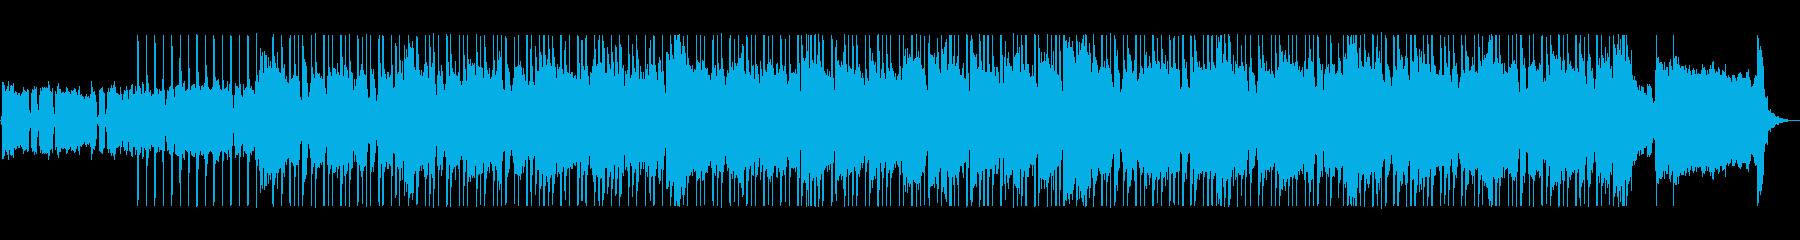 個性的なフレーズがクールなギターサウンドの再生済みの波形